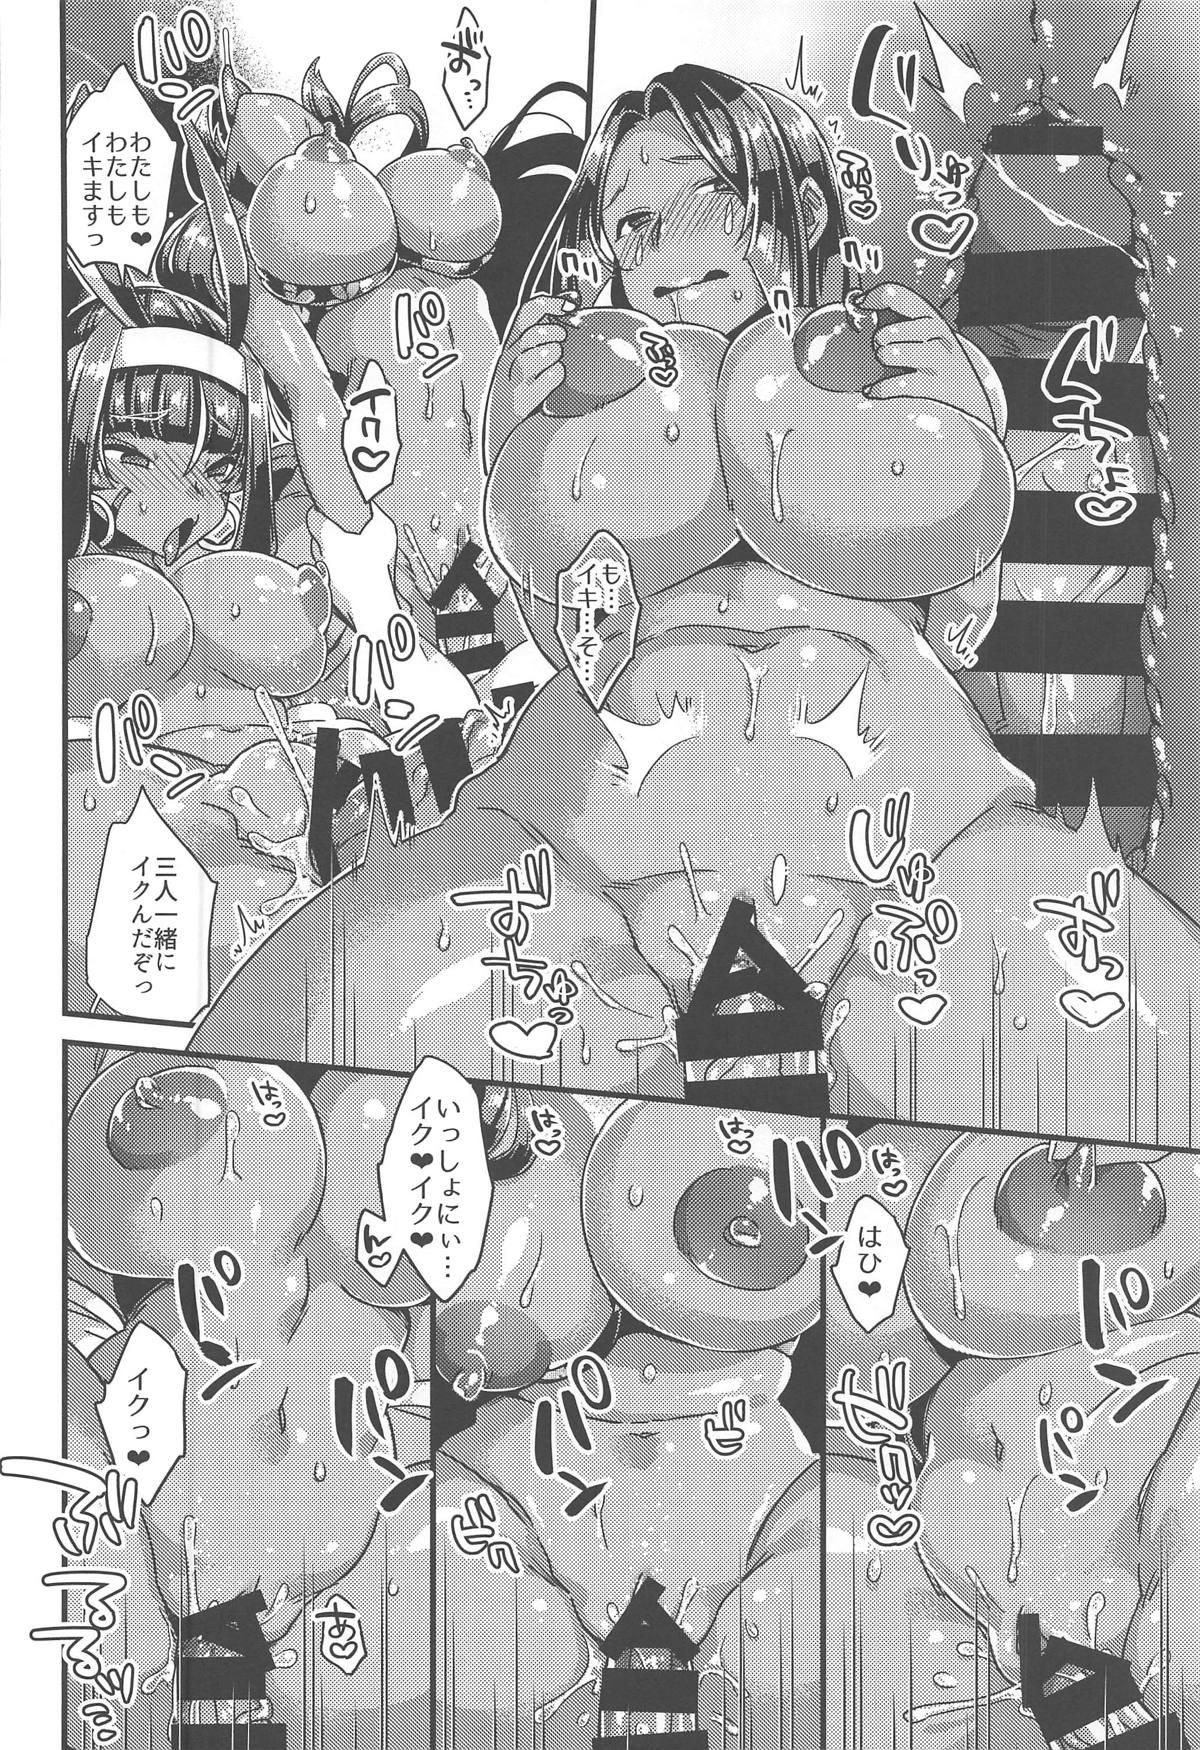 【エロ同人誌】(C96)ニトクリスとキャスターに誘われクラブへ行くことになったドルセント…怪しい男たちにヤバい薬を打たれてしまいブっとびまくりながらのキメセク乱交オールナイトwww【山梨ユウヤ:褐色キメセクオールナイト】